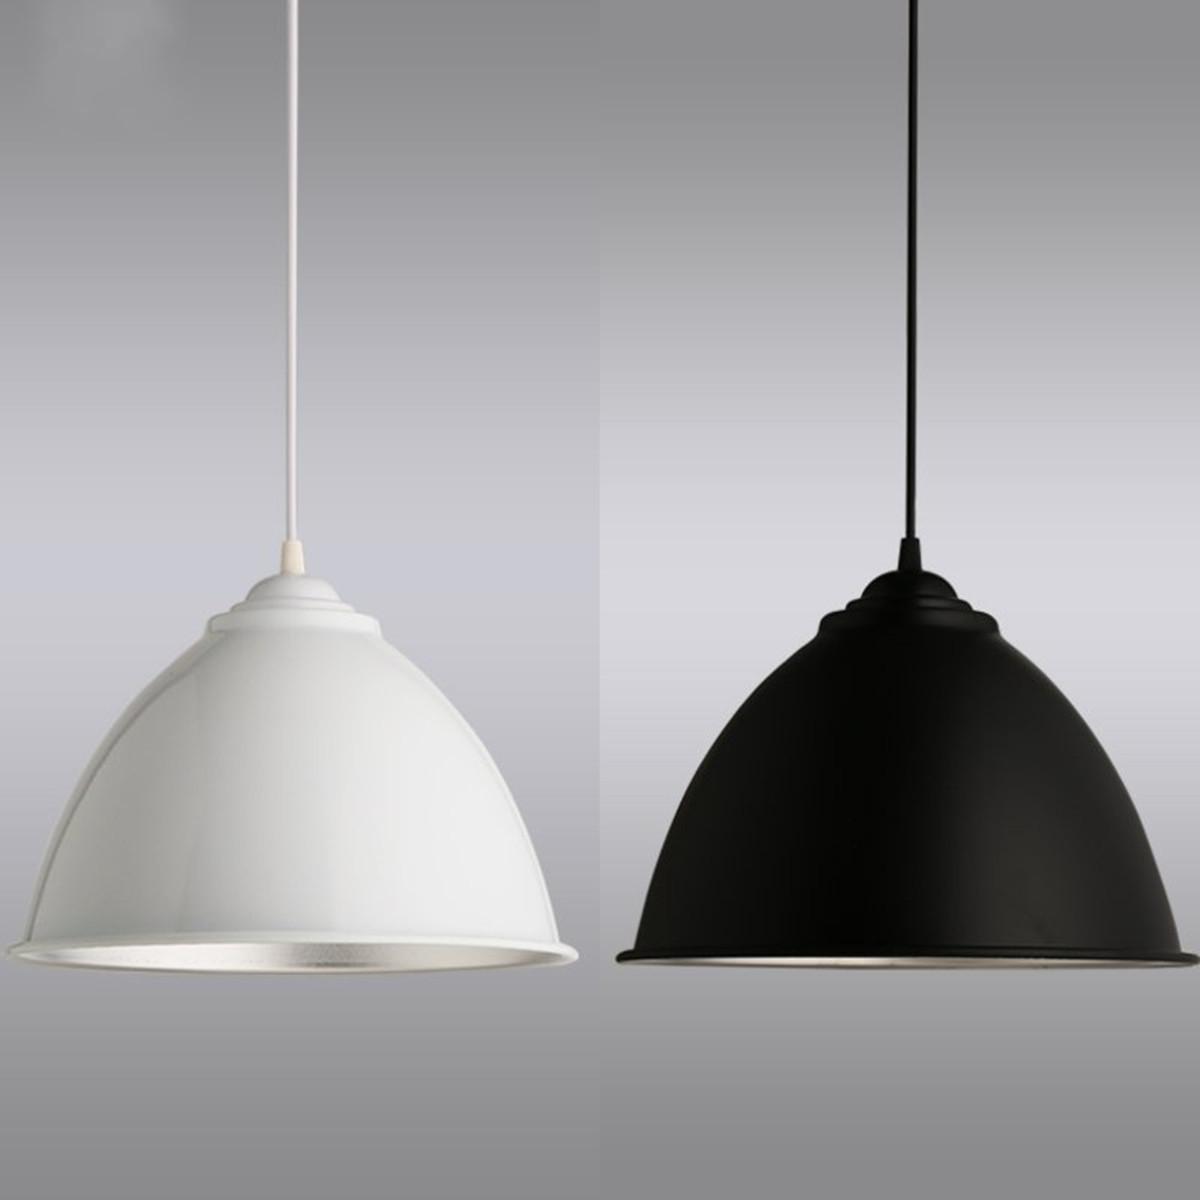 neufu lustre abat jour pour d cor bureau sans ampoule vert achat vente lustre abat jour pour. Black Bedroom Furniture Sets. Home Design Ideas